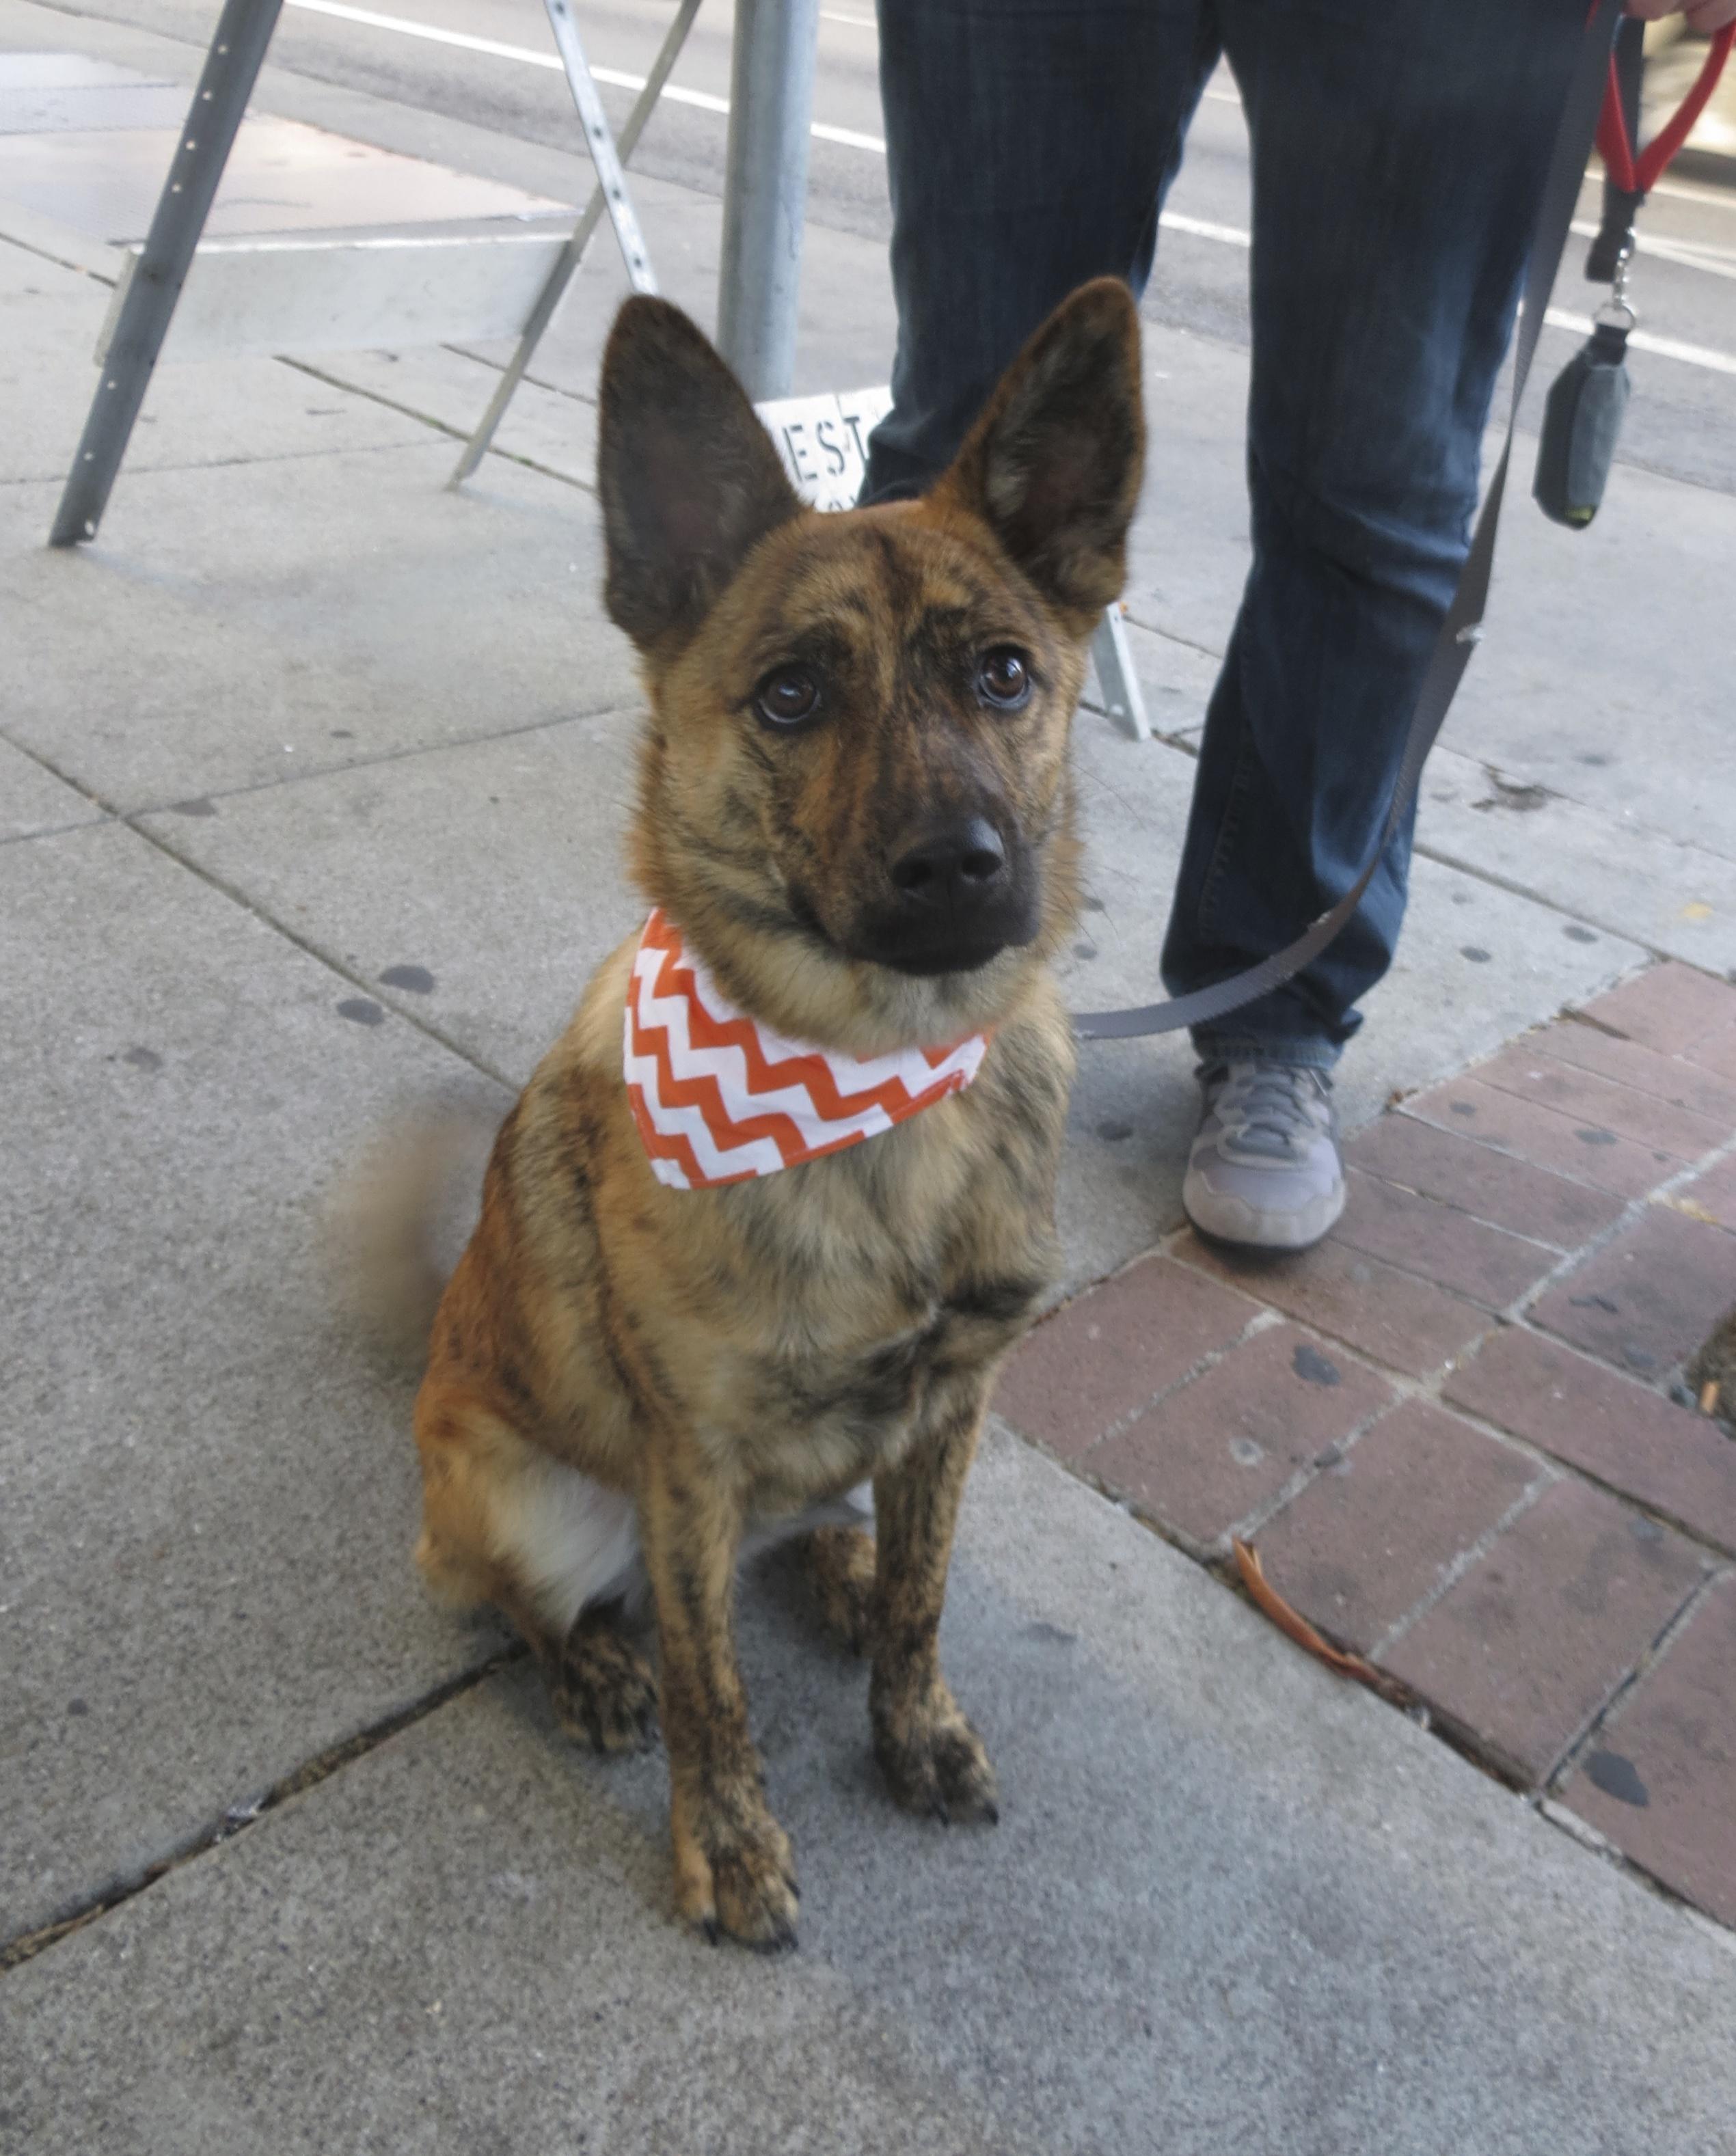 Brindled Taiwanese Street Dog